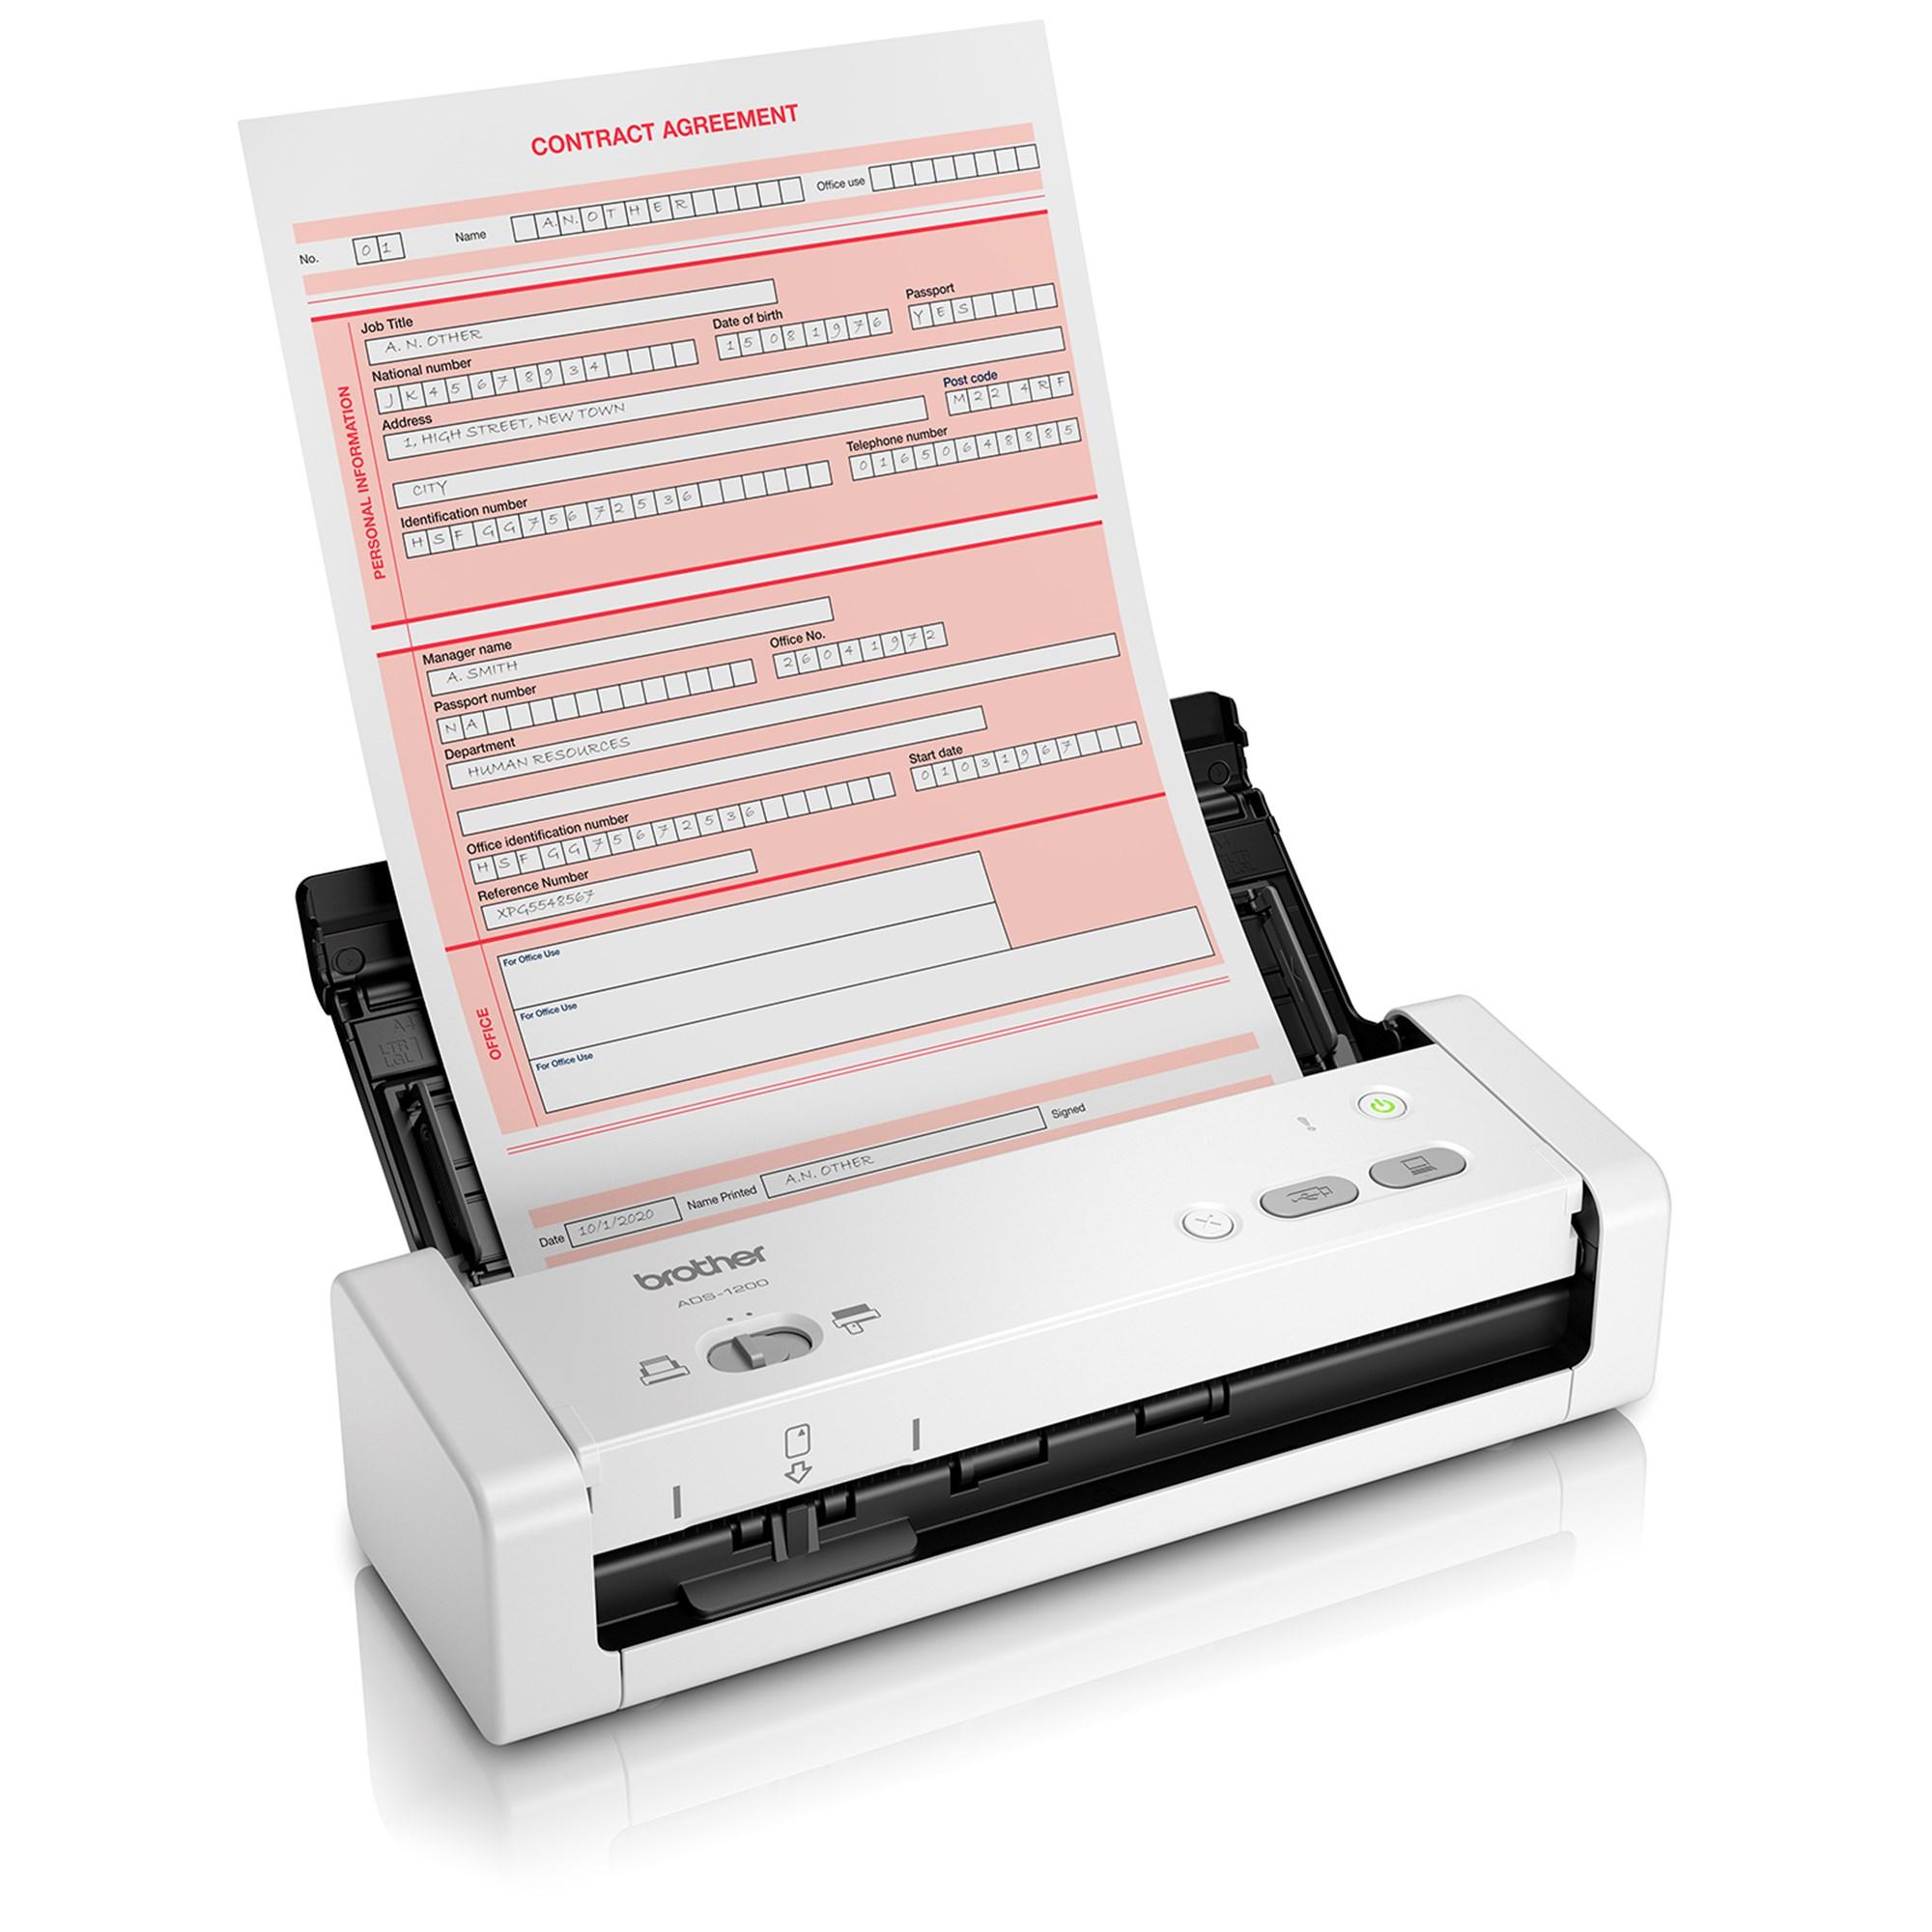 Billede af ADS-1200 Mobil scanner